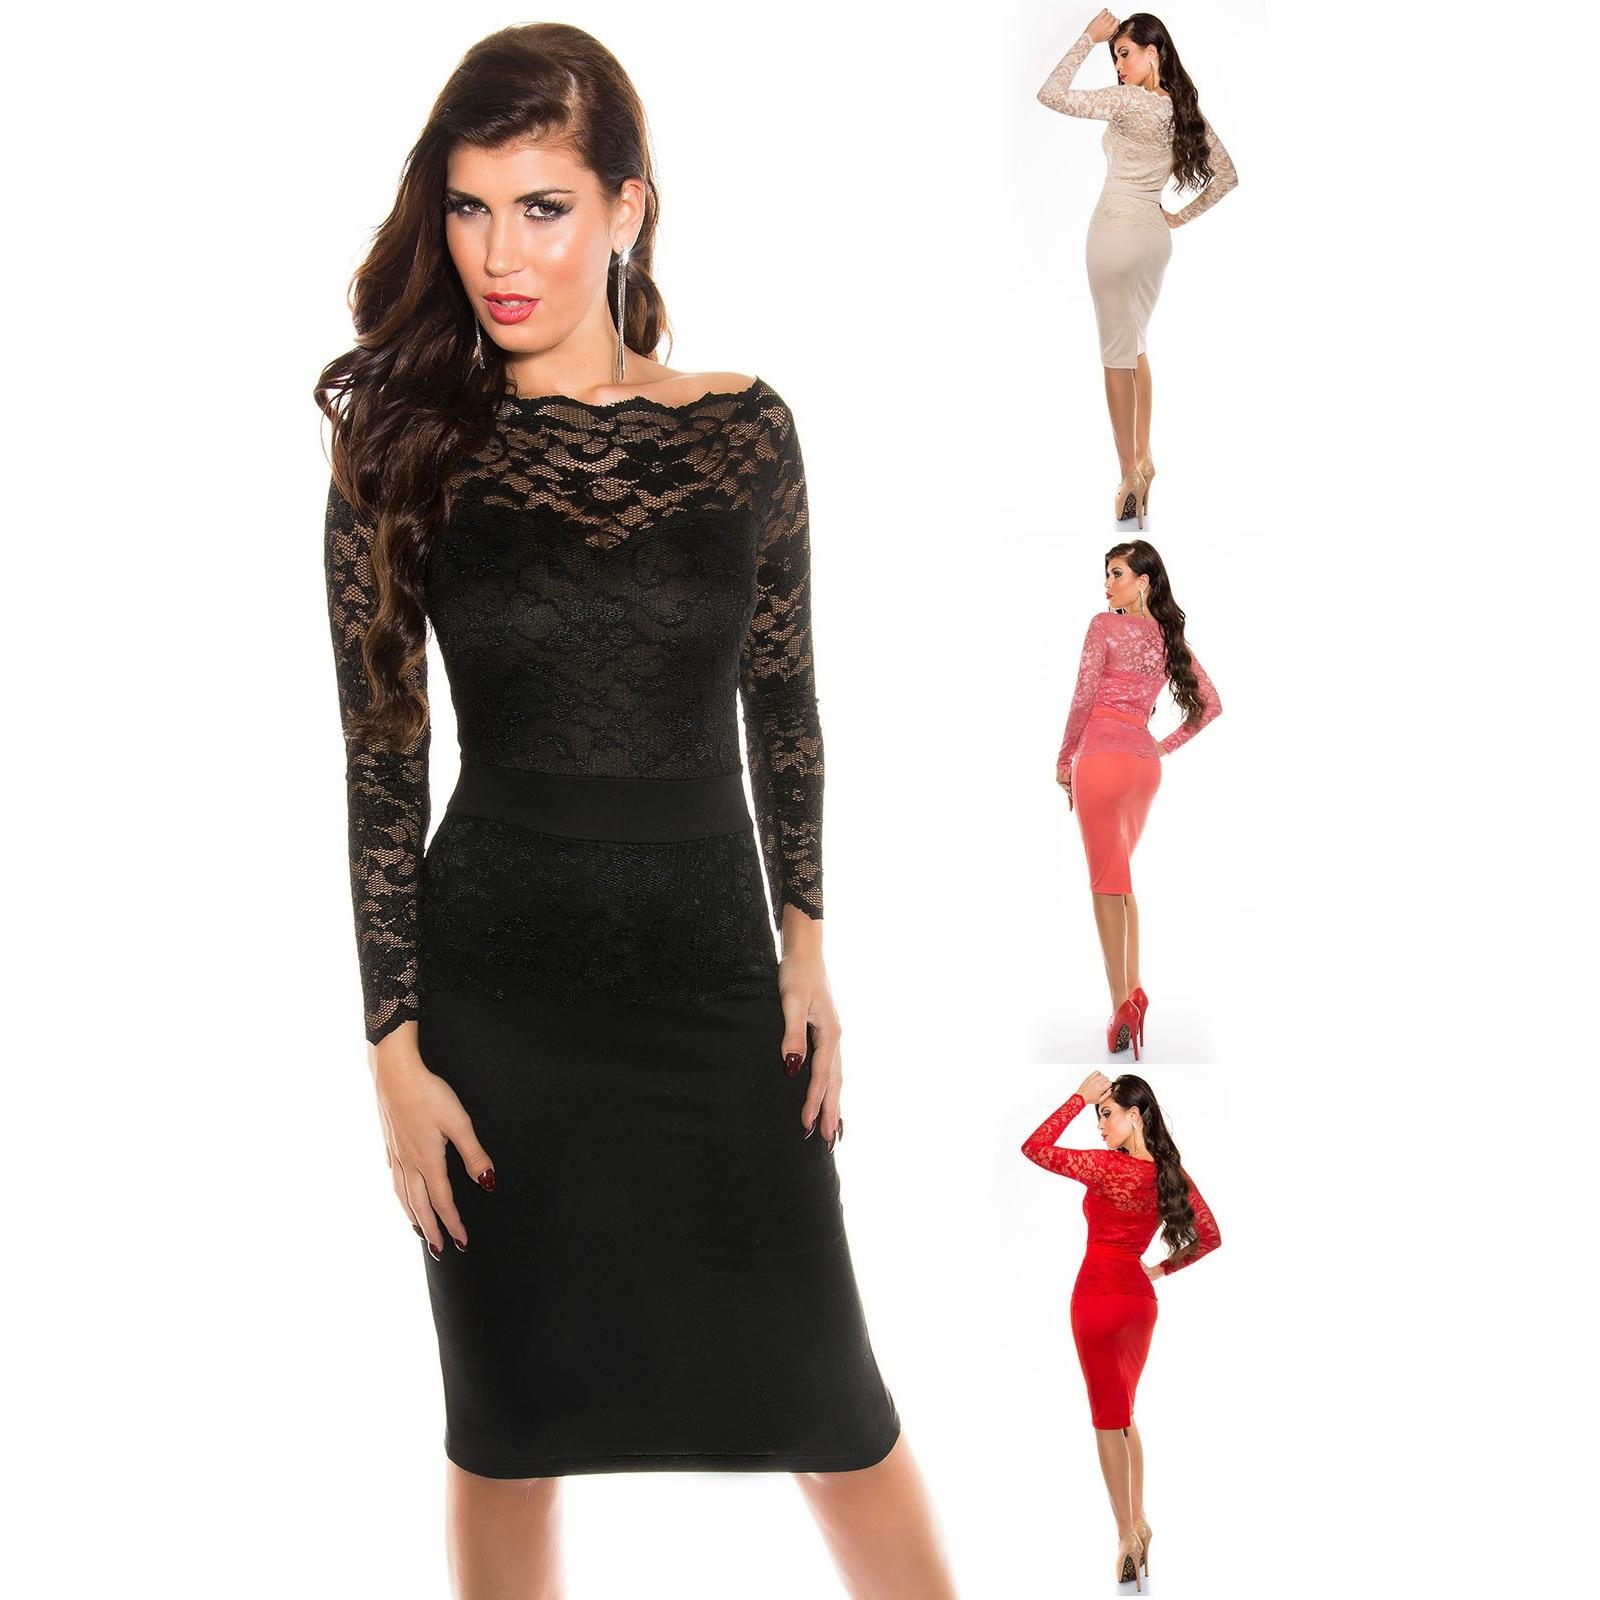 Abend Elegant Schwarzes Kleid Mit Spitze Langarm VertriebDesigner Erstaunlich Schwarzes Kleid Mit Spitze Langarm Design